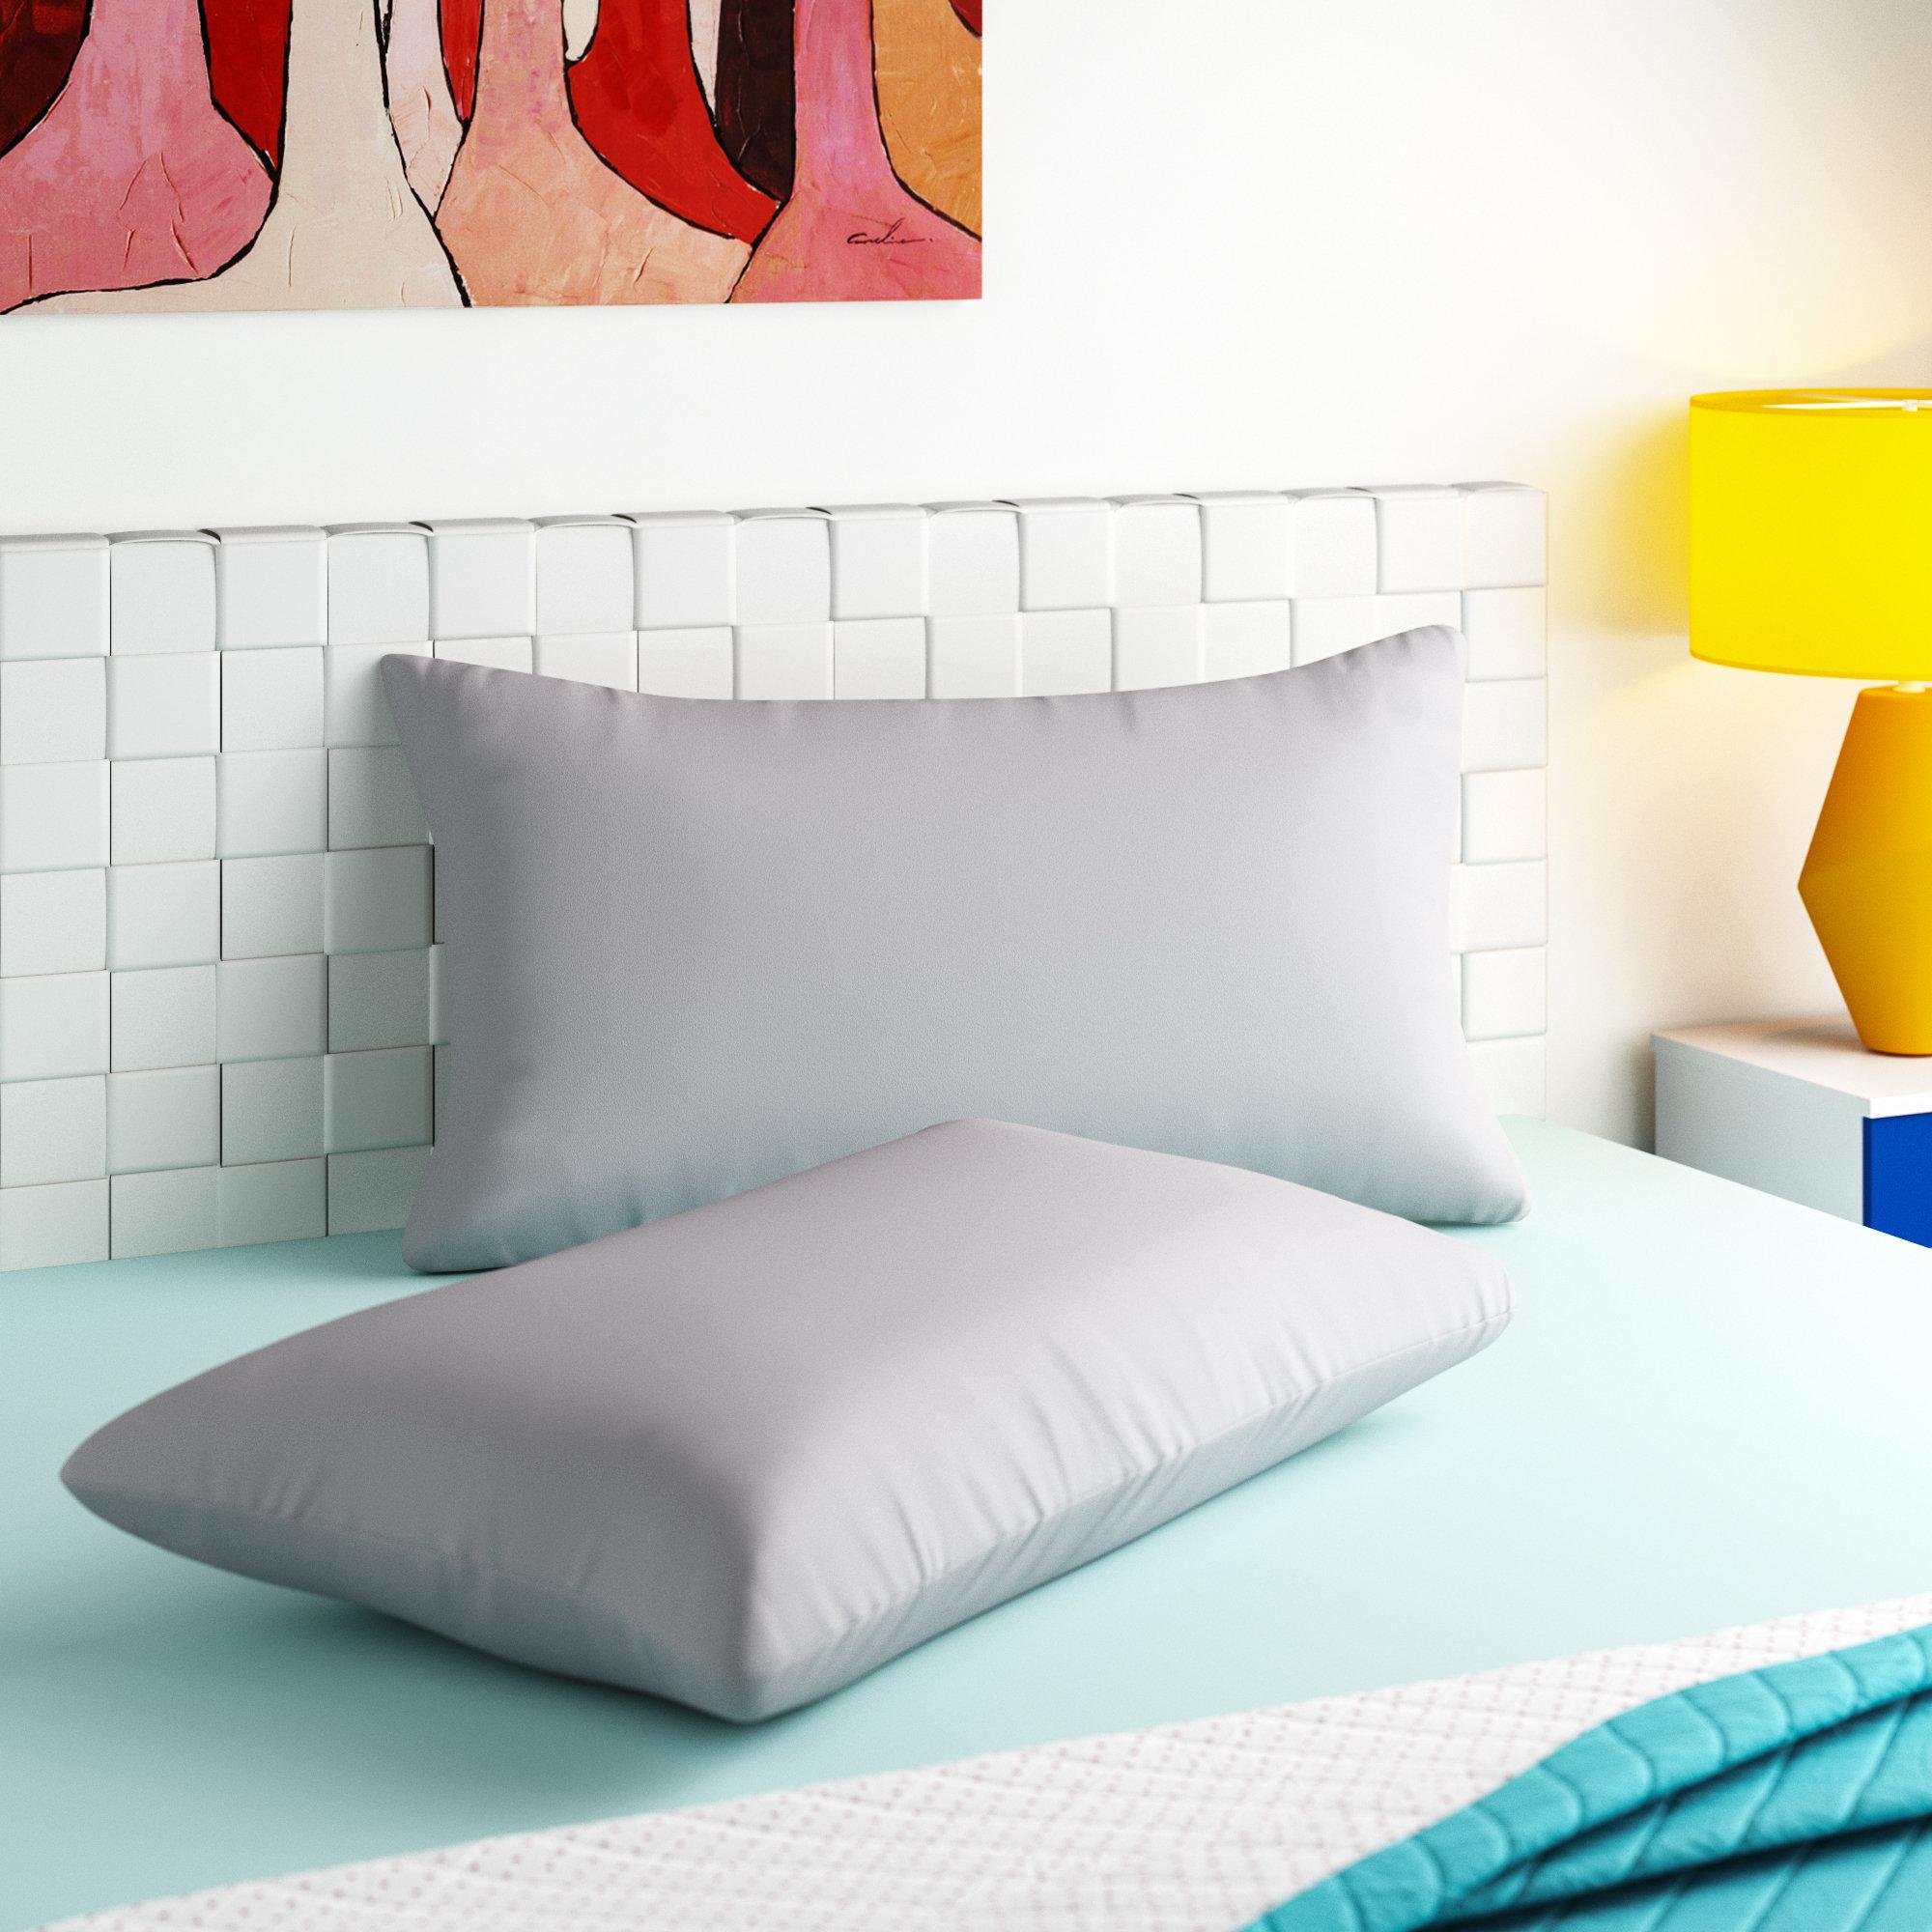 Wayfair Basics Firm Polyfill Bed Pillow